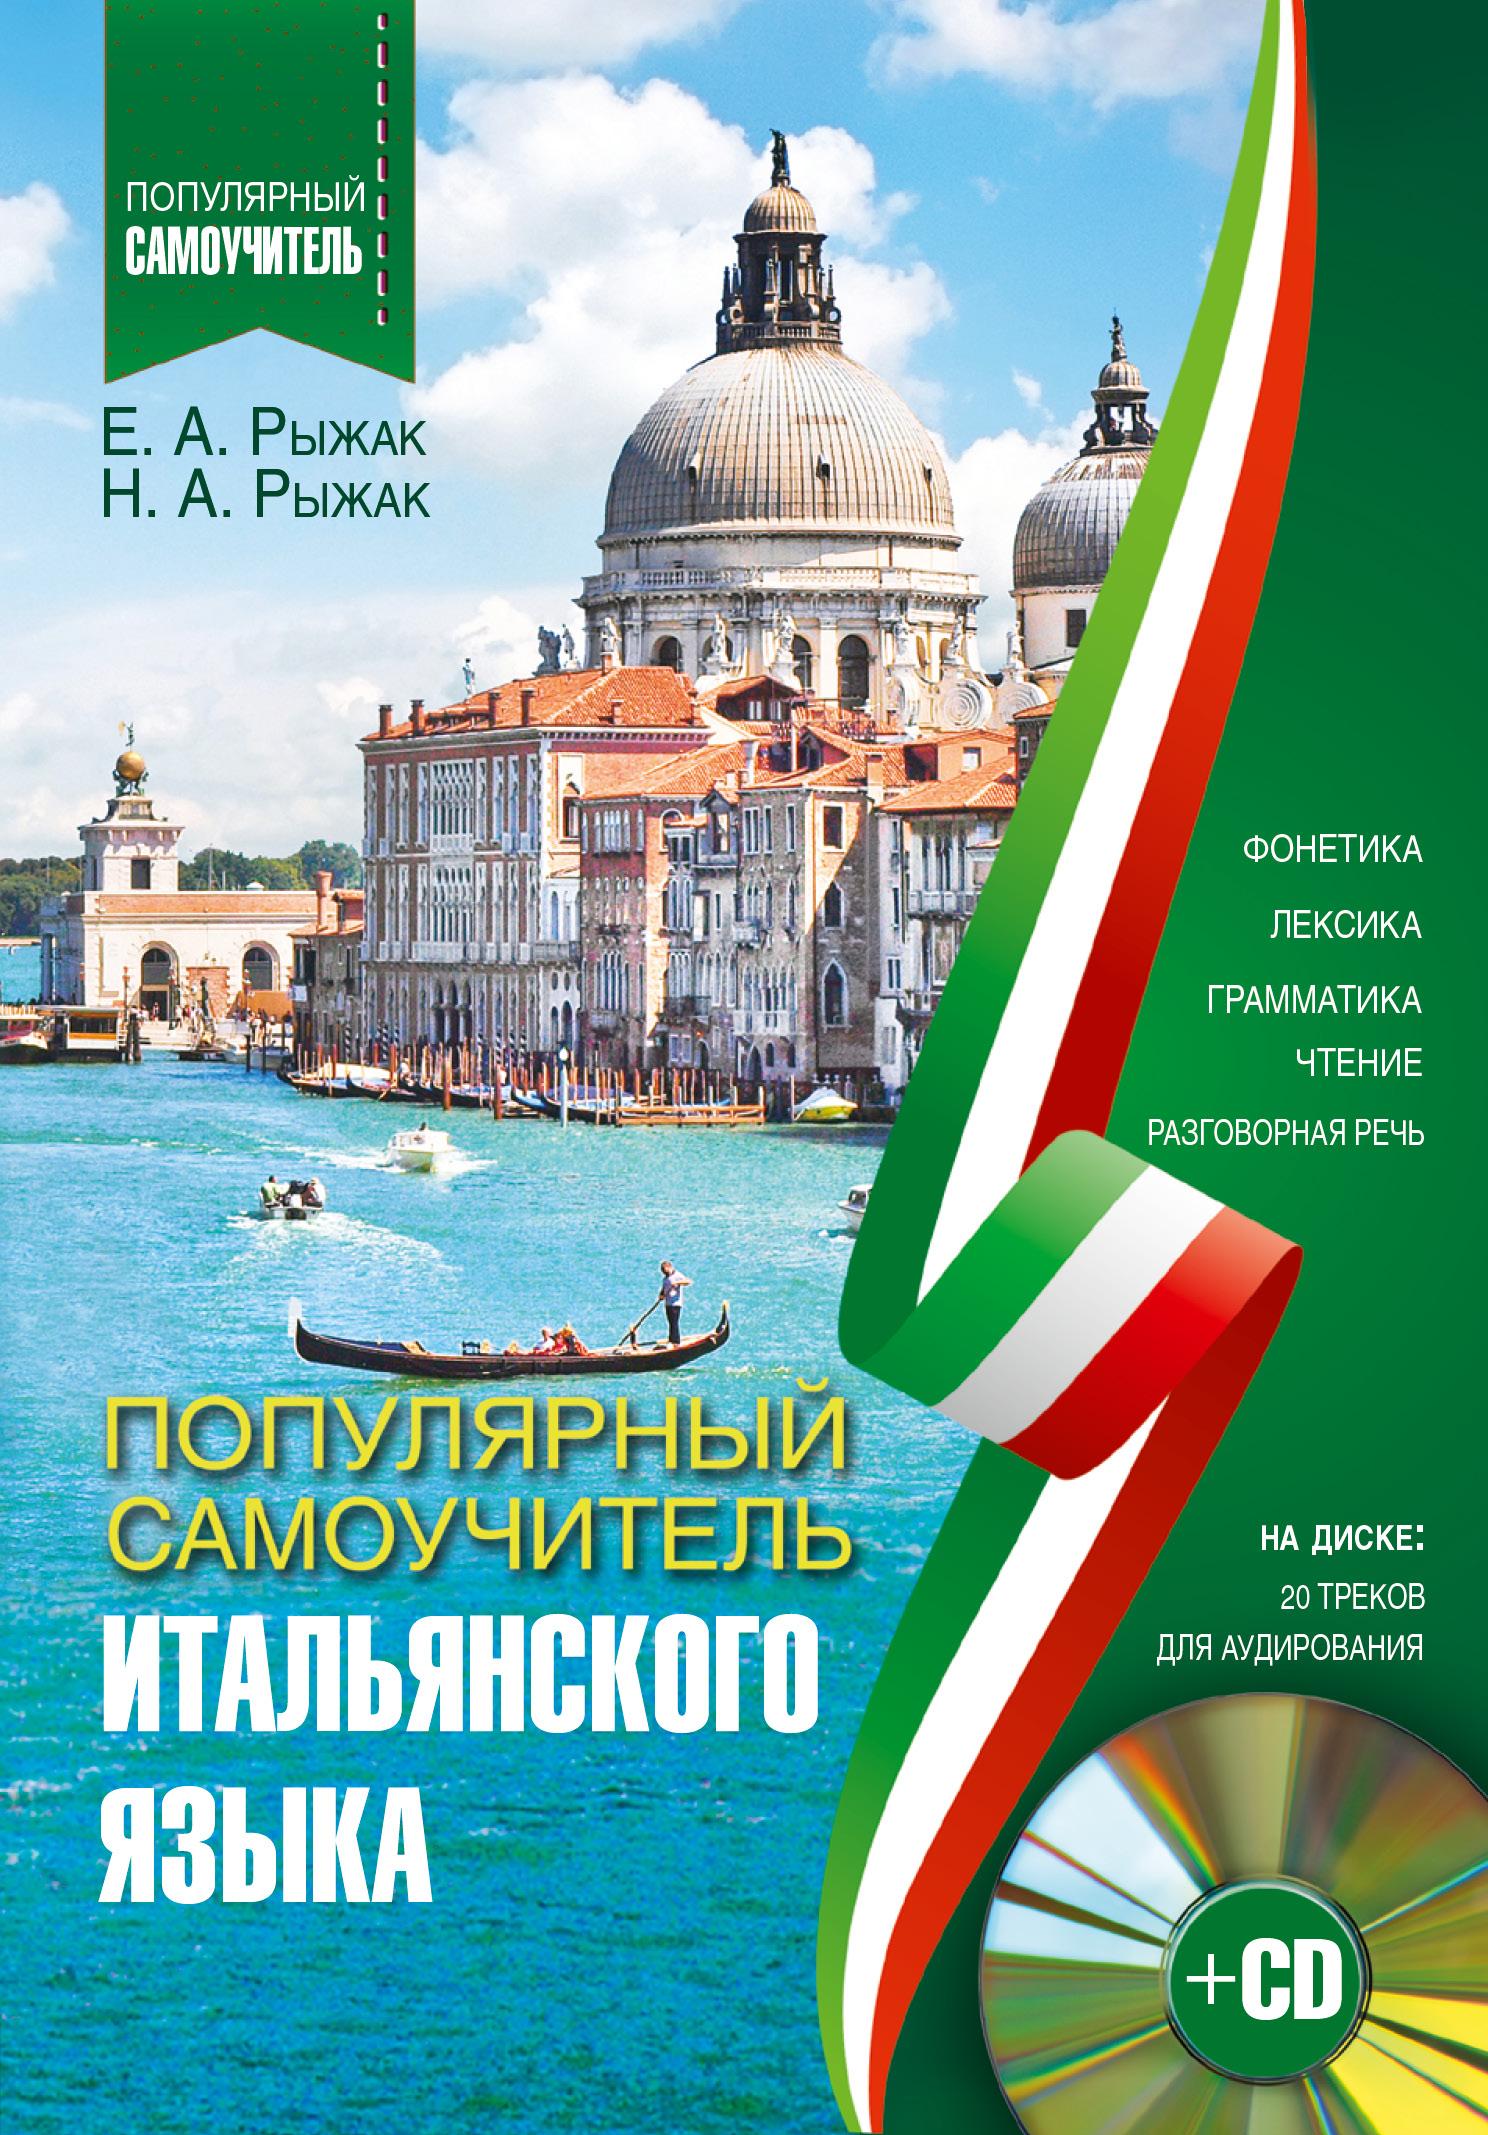 цена на Н. А. Рыжак, Е. А. Рыжак Популярный самоучитель итальянского языка + CD